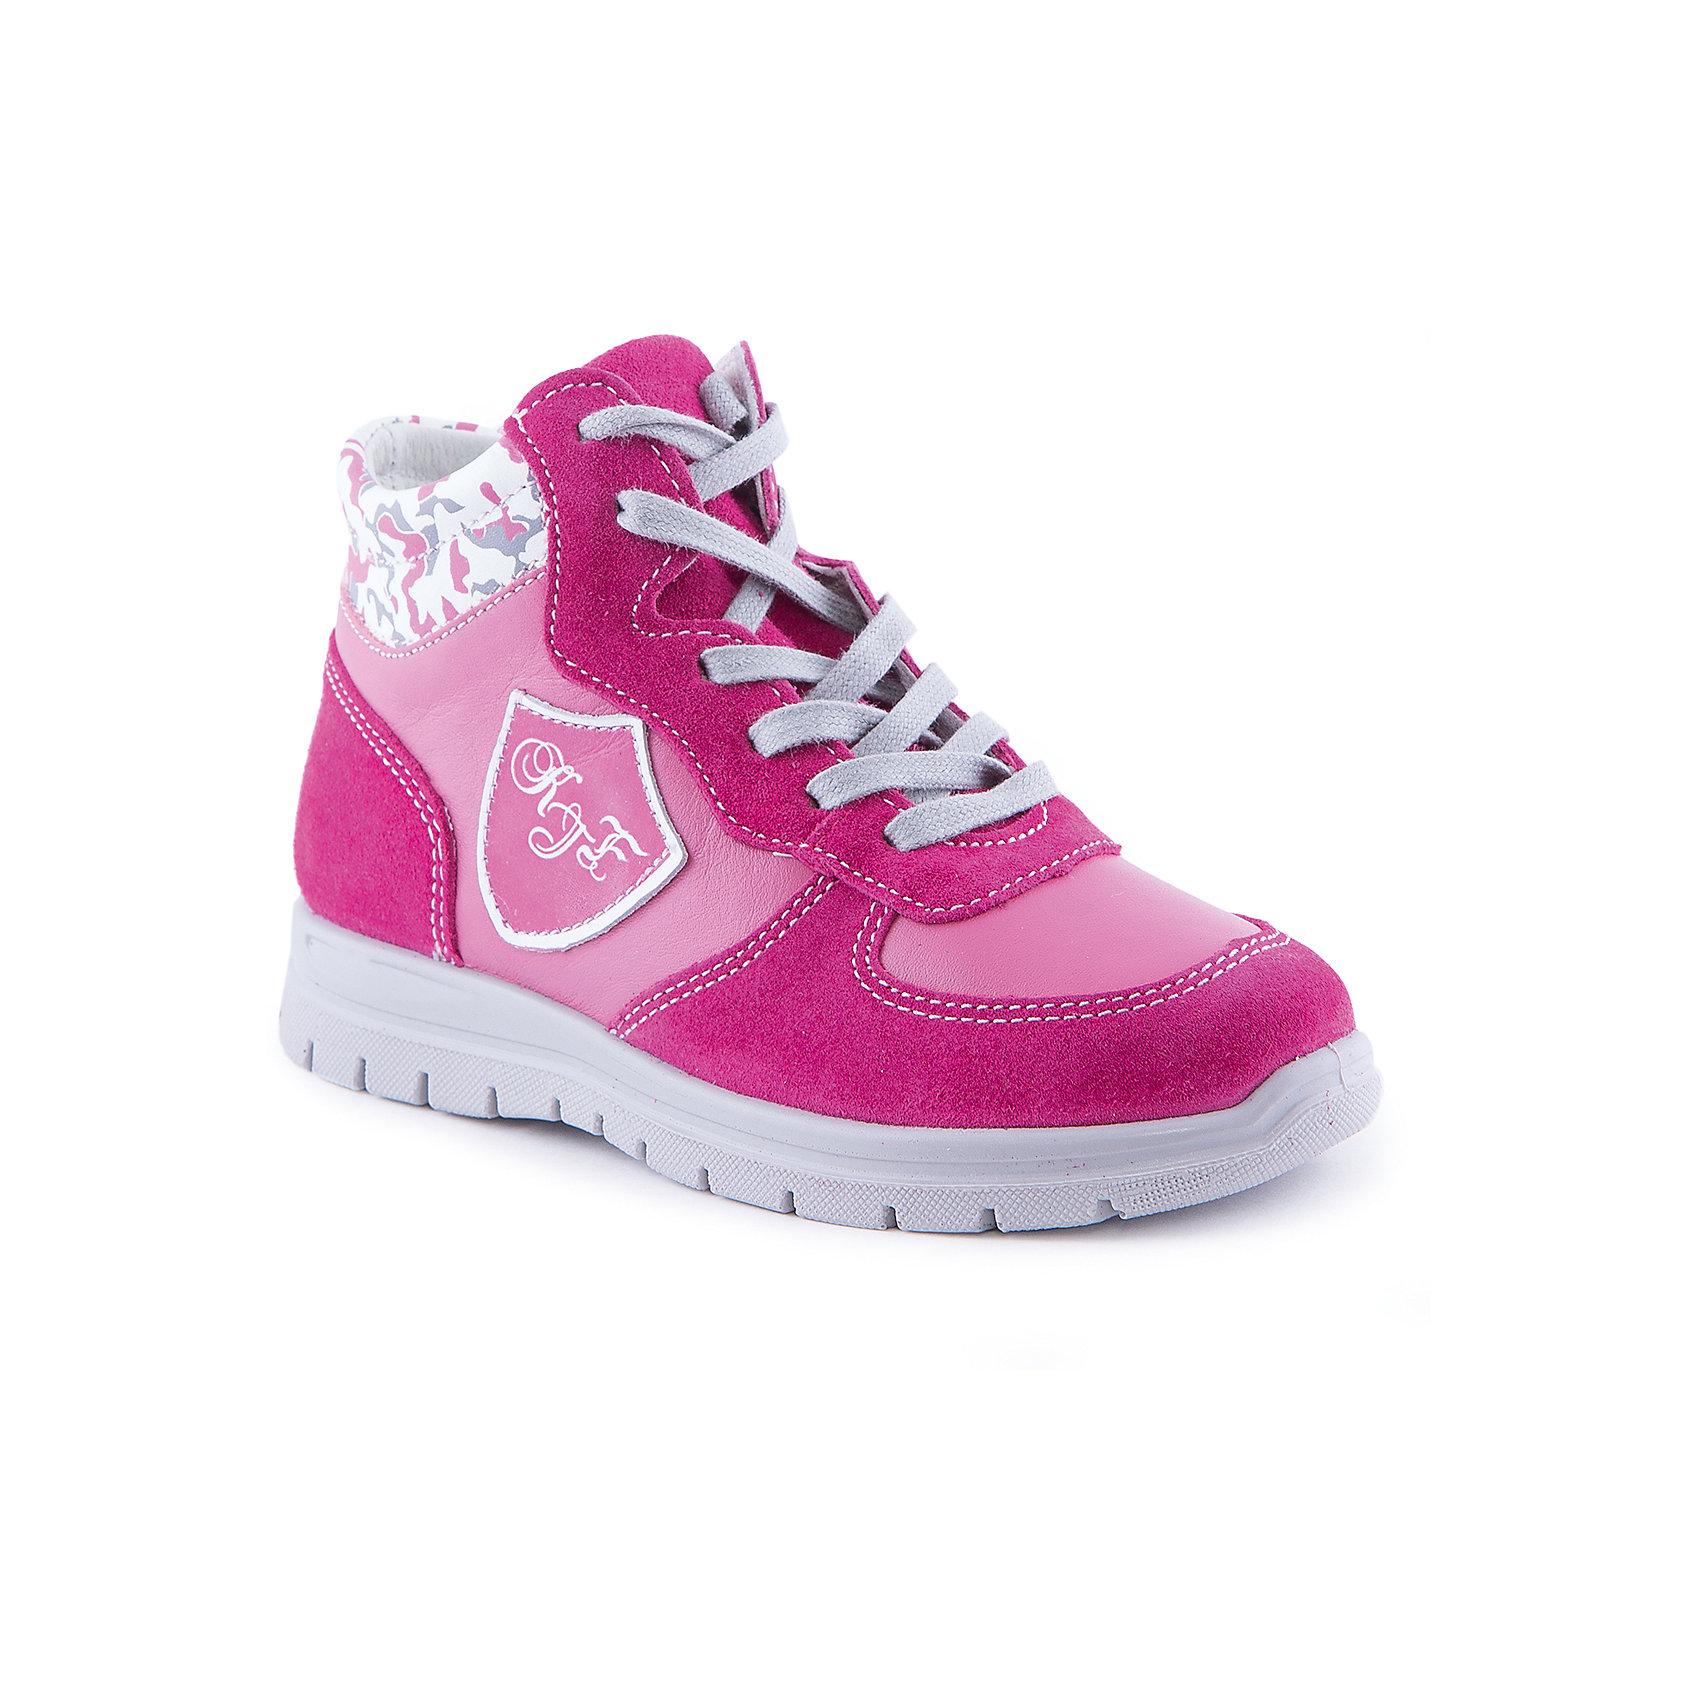 Ботинки для девочки КотофейБотинки для девочки от известного российского бренда Котофей<br><br>Модные яркие ботинки на байке помогут защитить детские ножки от сырости и холода. Они легко надеваются, комфортно садятся по ноге. <br>Изделия украшены вставкой с принтом, она плотно прилегает к ноге и обеспечивает дополнительное  утепление. Помимо яркой шнуровки, на ботинках есть удобная боковая молния.<br><br>Особенности модели:<br><br>- цвет - фуксия;<br>- молния сбоку;<br>- яркая вставка;<br>- верх – натуральная кожа;<br>- комфортная колодка;<br>- подкладка из кожи;<br>- вид крепления – литьевой;<br>- защита пятки и пальцев;<br>- амортизирующая устойчивая подошва;<br>- шнуровка.<br><br>Дополнительная информация:<br><br>Температурный режим:<br><br>от +5° С до +20° С<br><br>Состав:<br>верх – натуральная кожа;<br>подкладка - натуральная кожа;<br>подошва - ПУ.<br><br>Ботинки для девочки Котофей можно купить в нашем магазине.<br><br>Ширина мм: 262<br>Глубина мм: 176<br>Высота мм: 97<br>Вес г: 427<br>Цвет: фуксия<br>Возраст от месяцев: 132<br>Возраст до месяцев: 144<br>Пол: Женский<br>Возраст: Детский<br>Размер: 31,34,33,35,32<br>SKU: 4565734